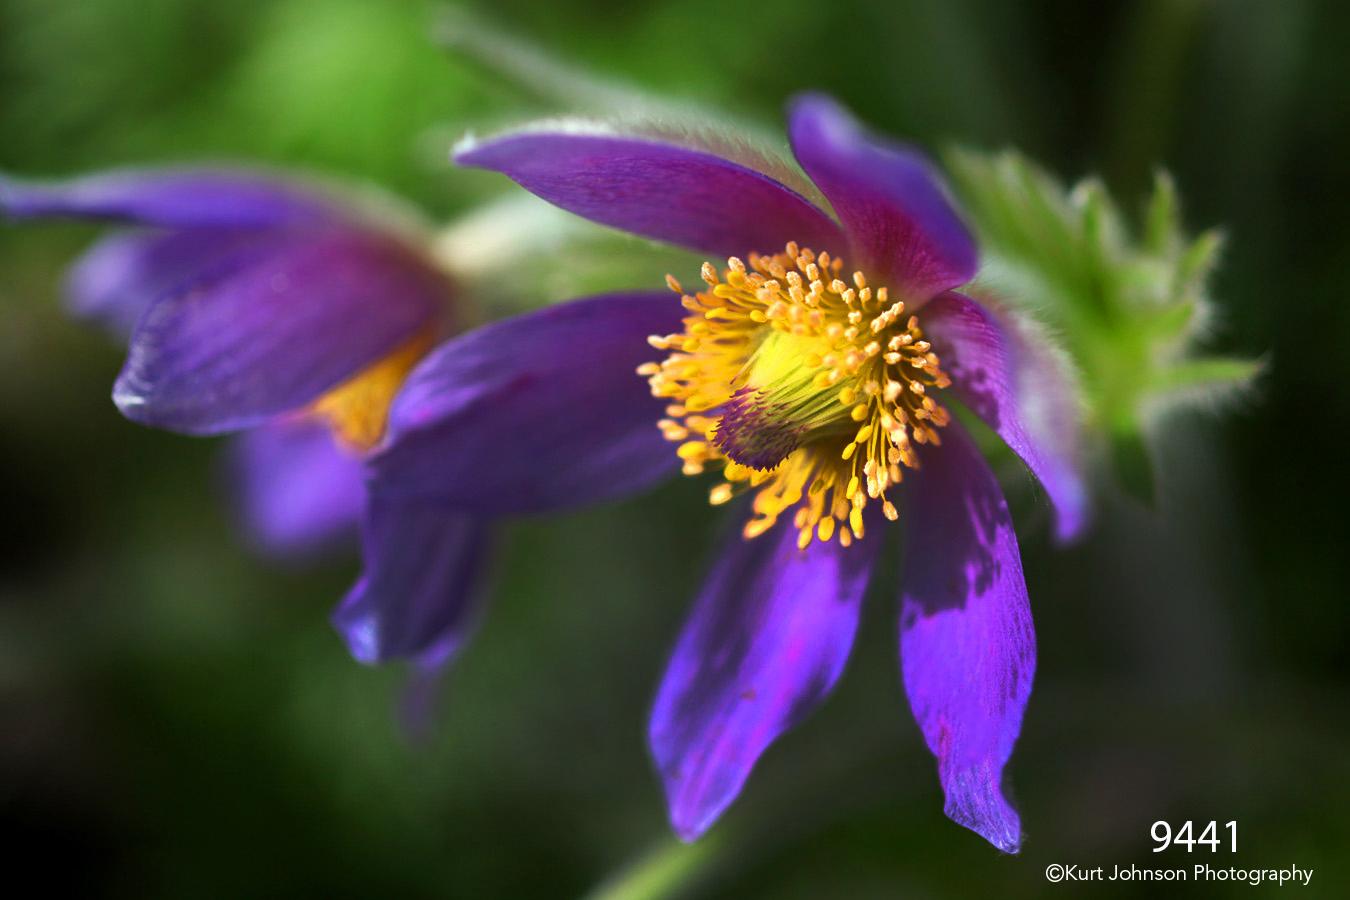 flower purple flowers green